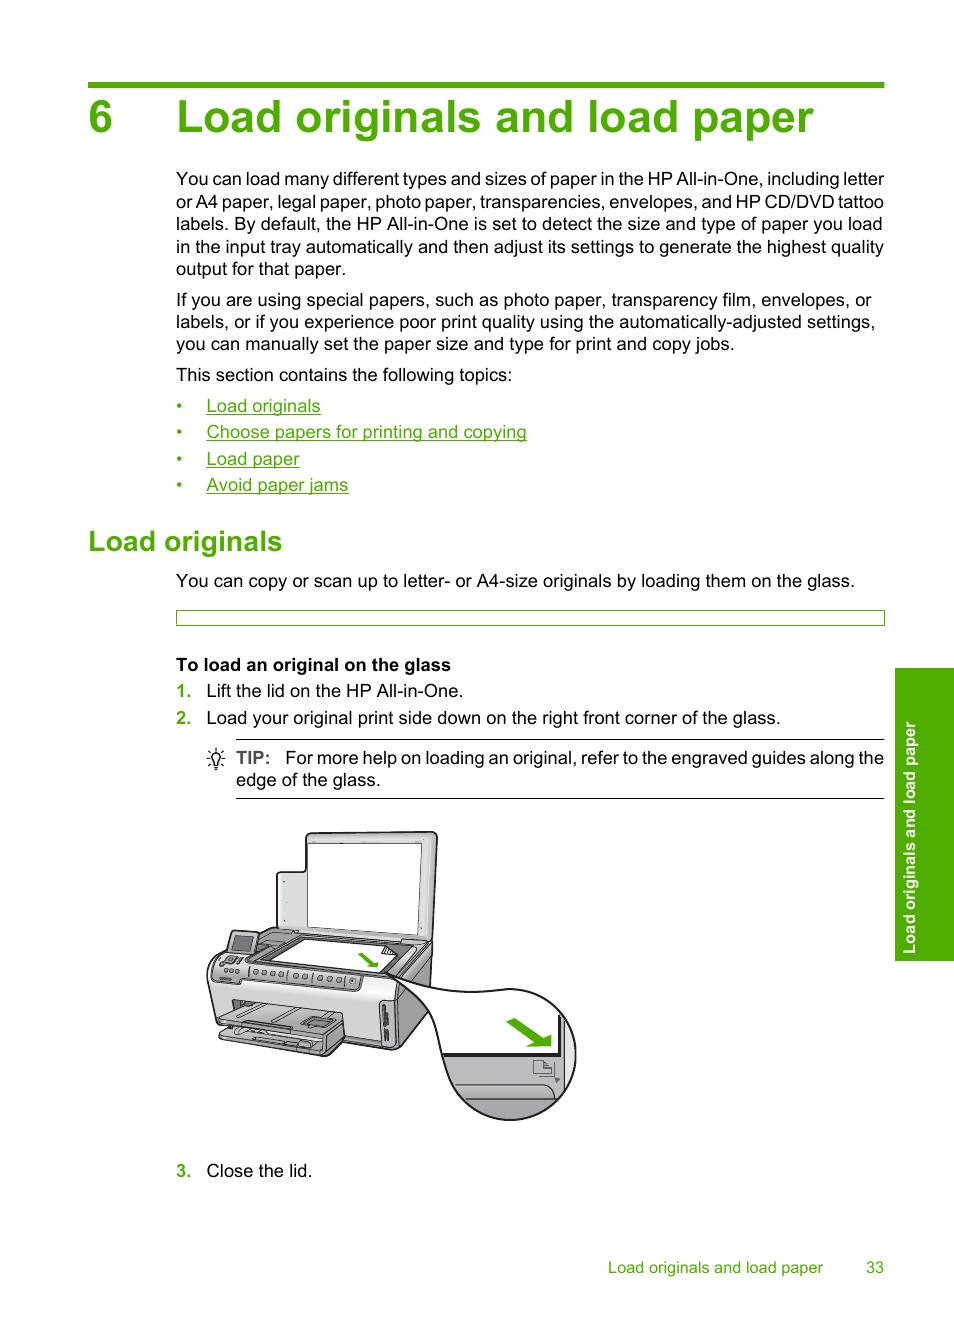 Load originals and load paper, Load originals, 6 load originals and load  paper |